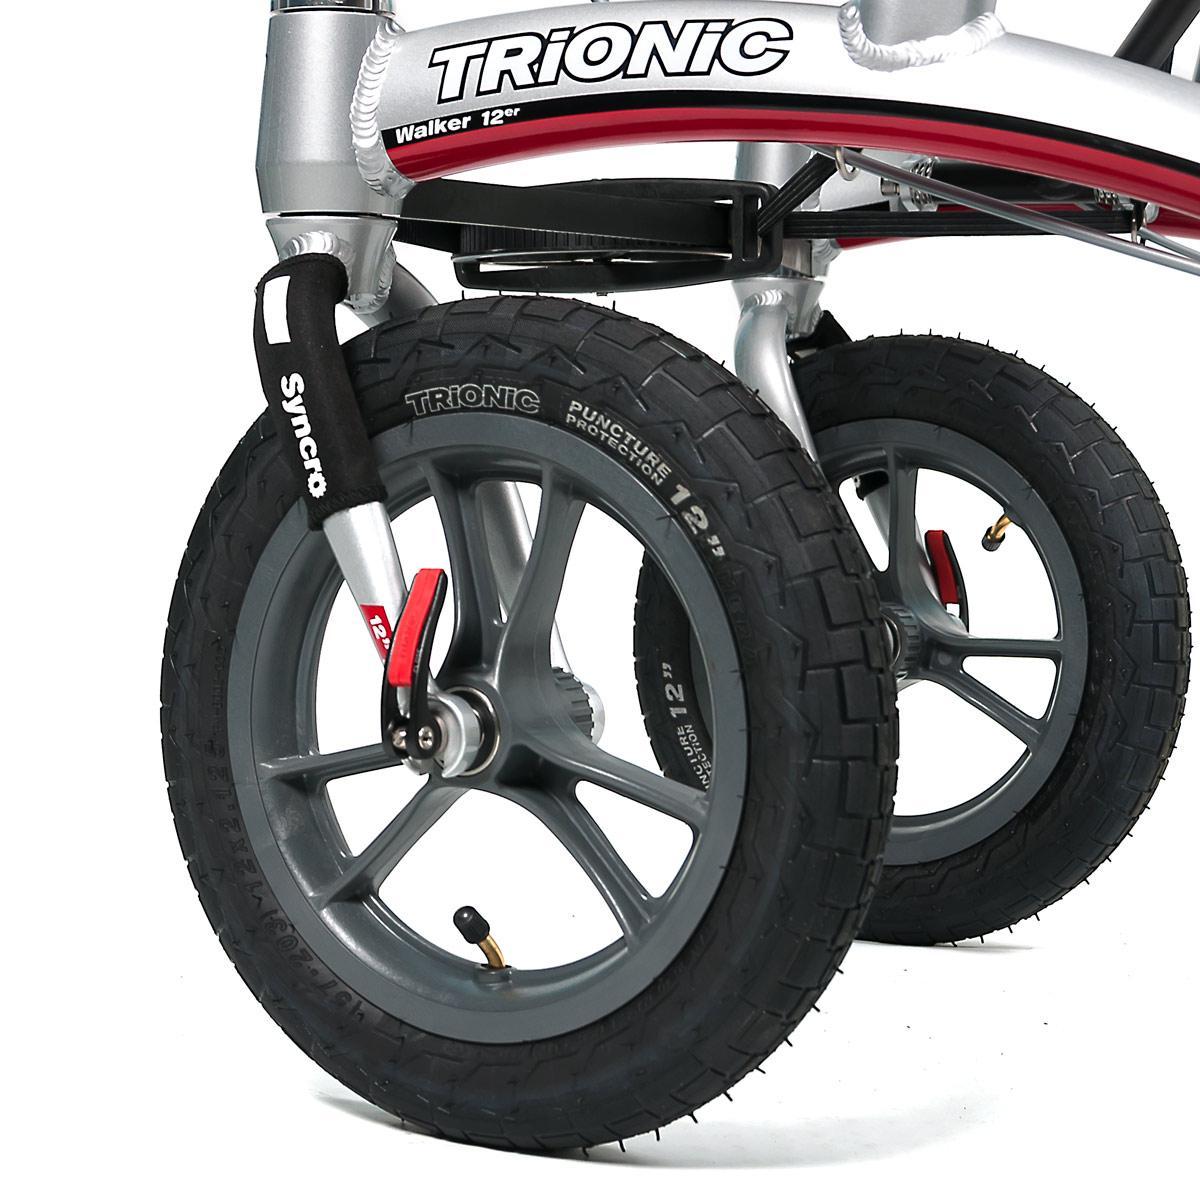 Trionic Primera Tires